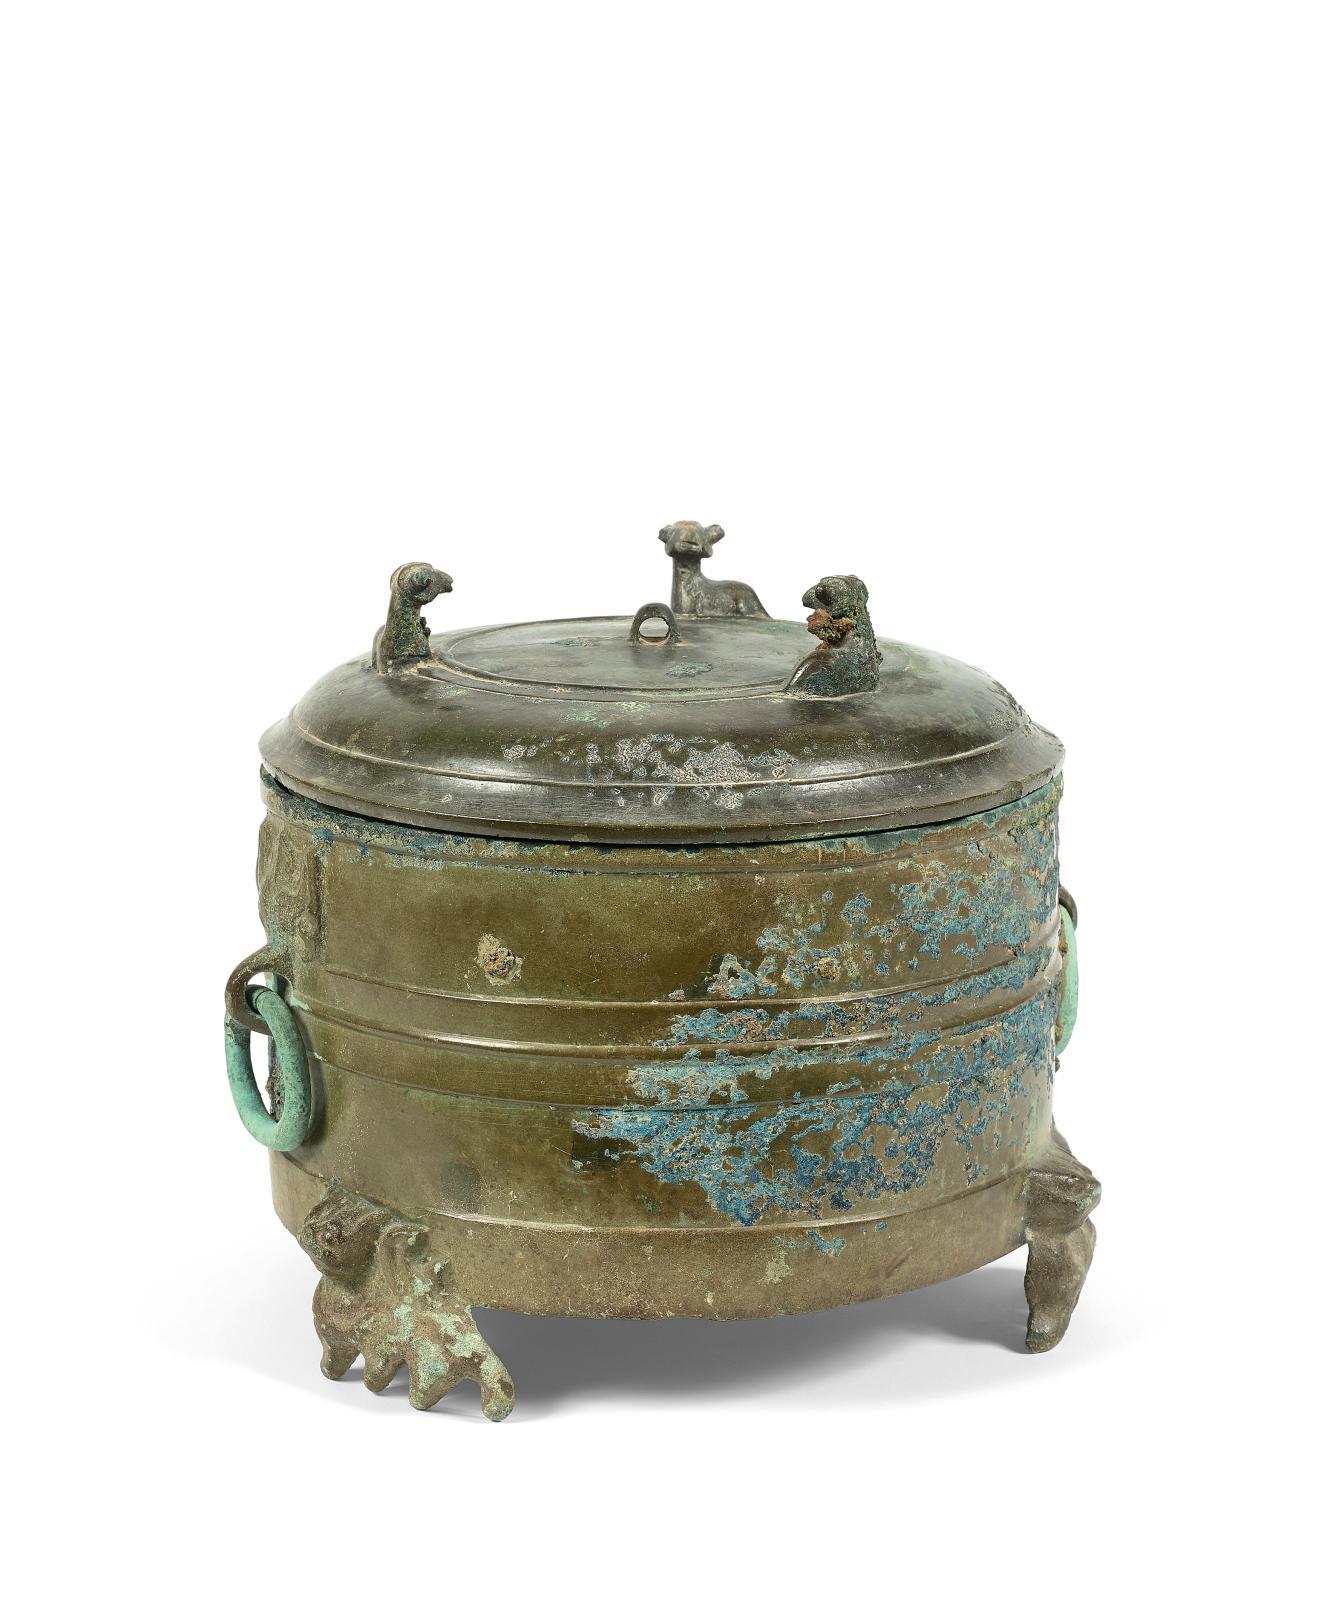 Chine, dynastie Han, IIesiècle av.-IIesiècle apr.J.-C. Boîte à cosmétique Lian de forme cylindrique, bronze de patine vert olive avec nombreuses z